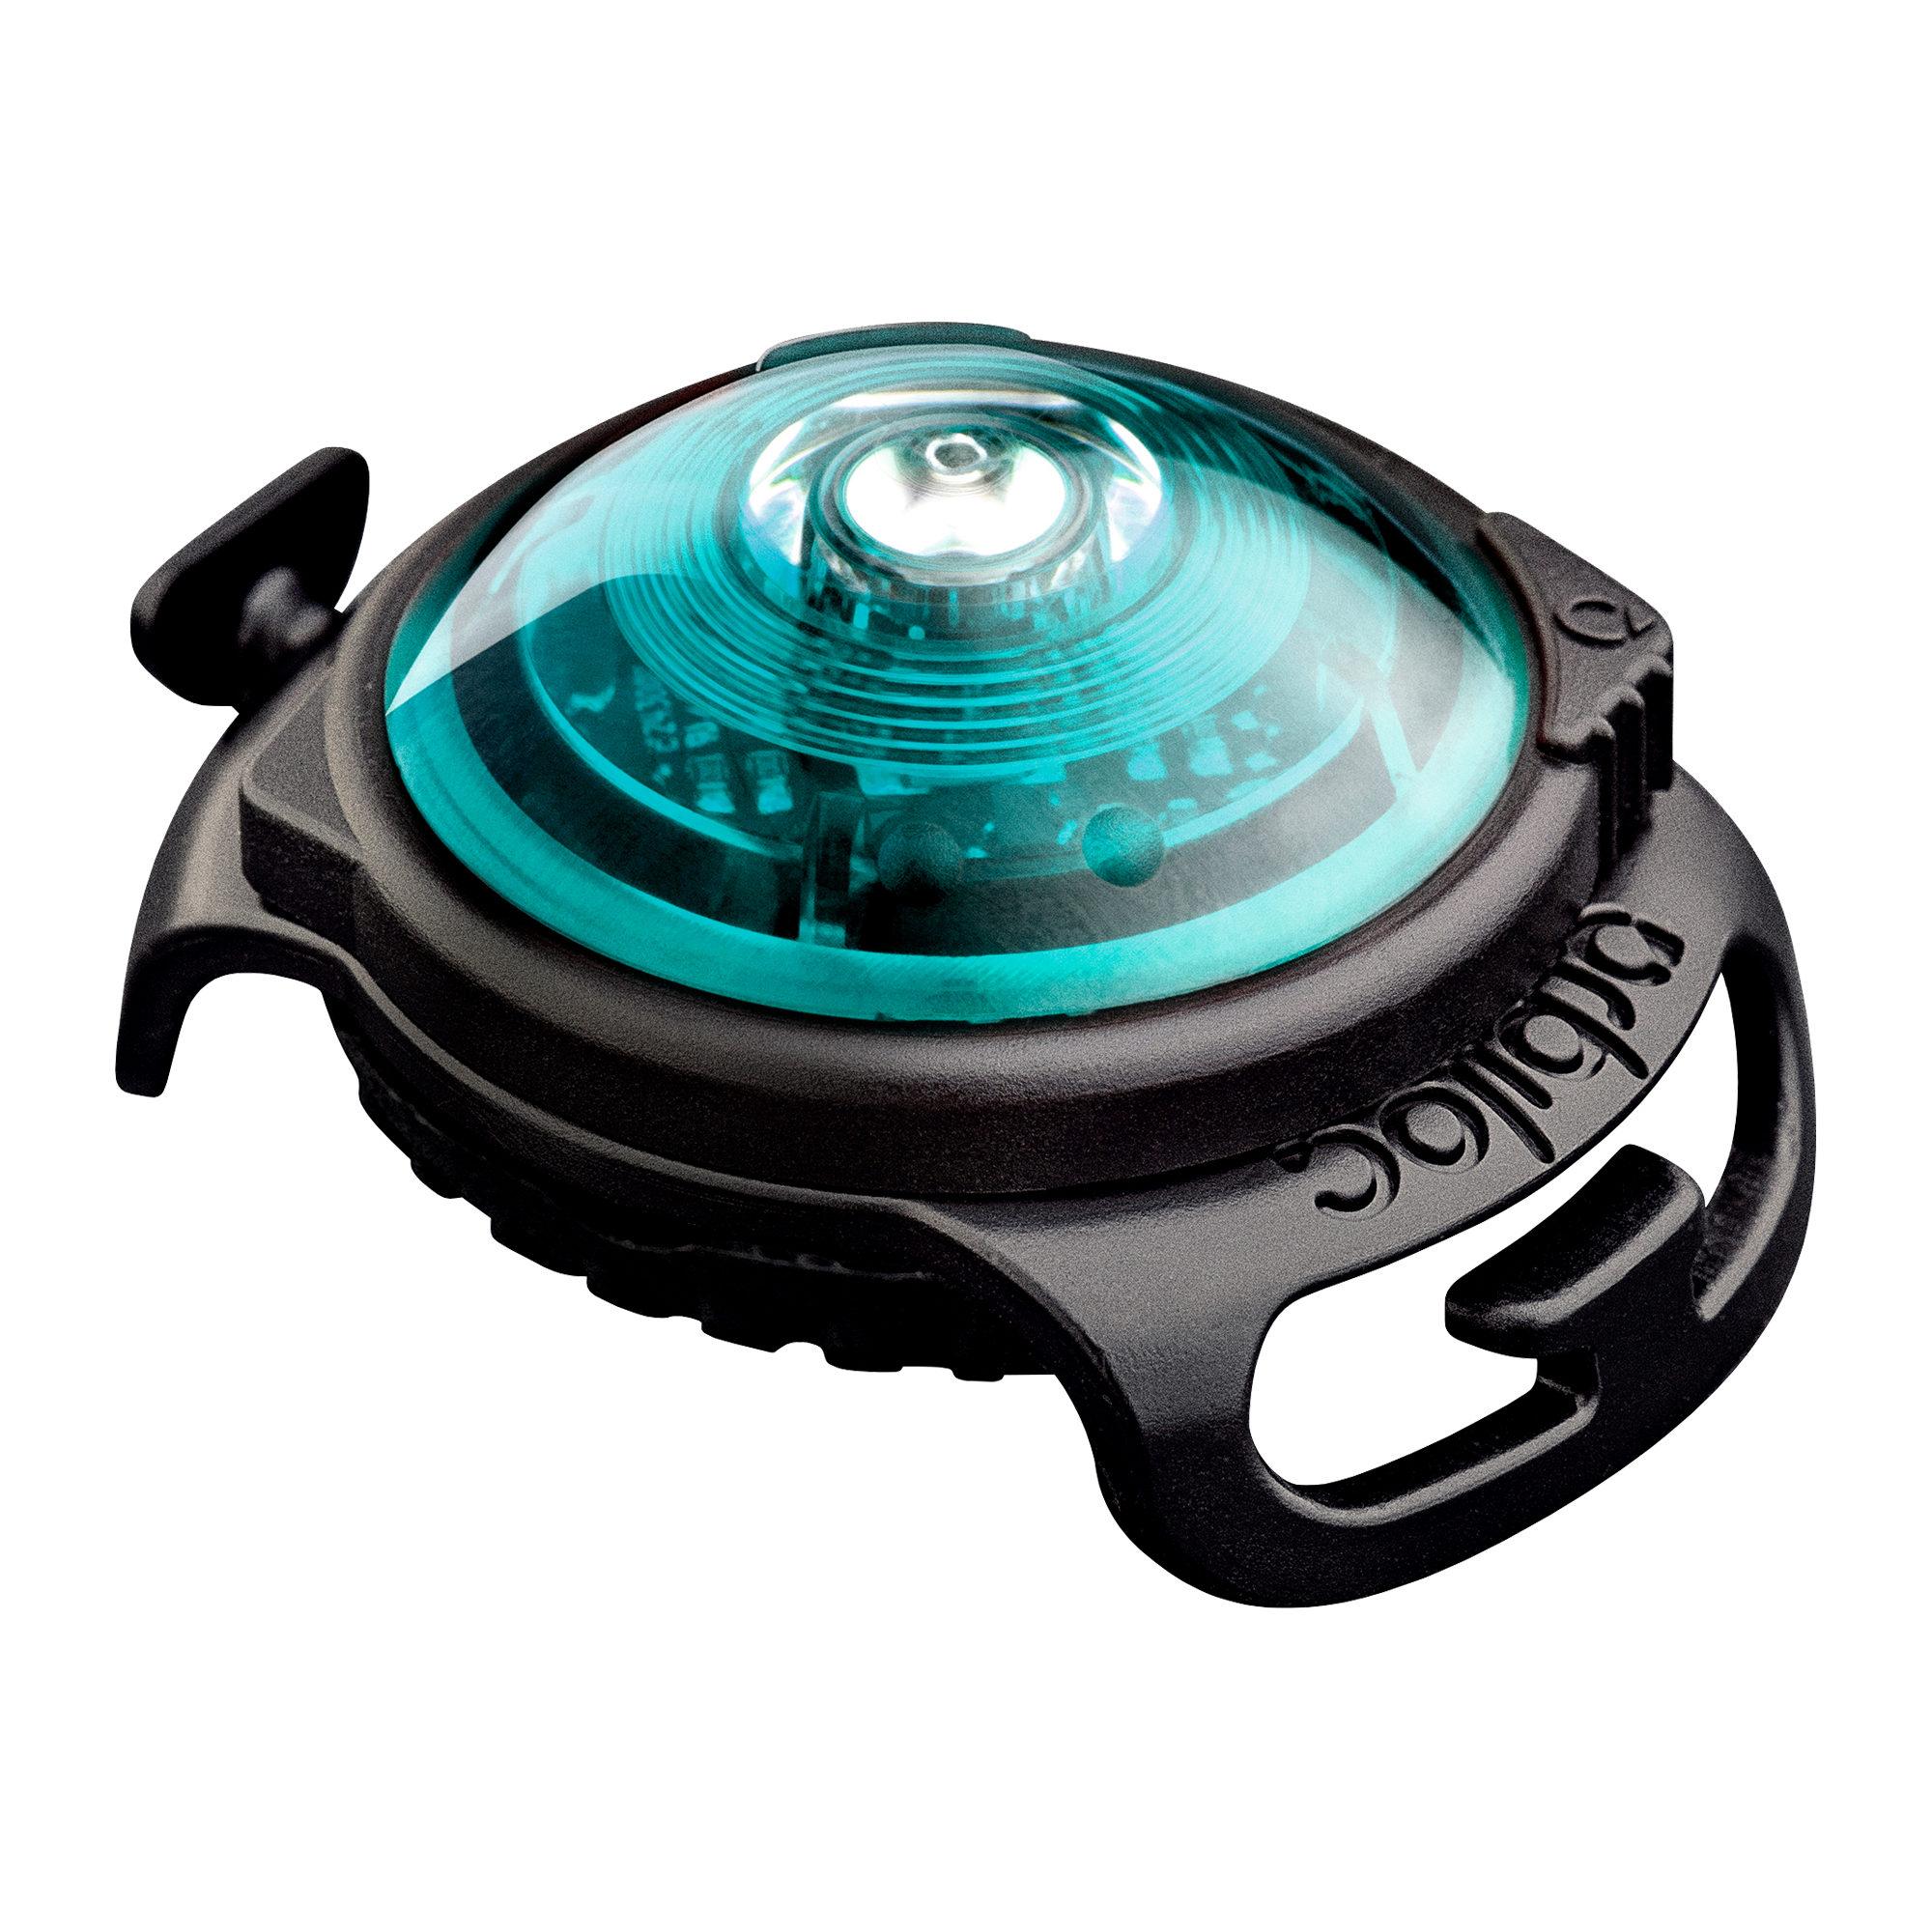 Orbiloc Dog Dual Safety Light - Türkis